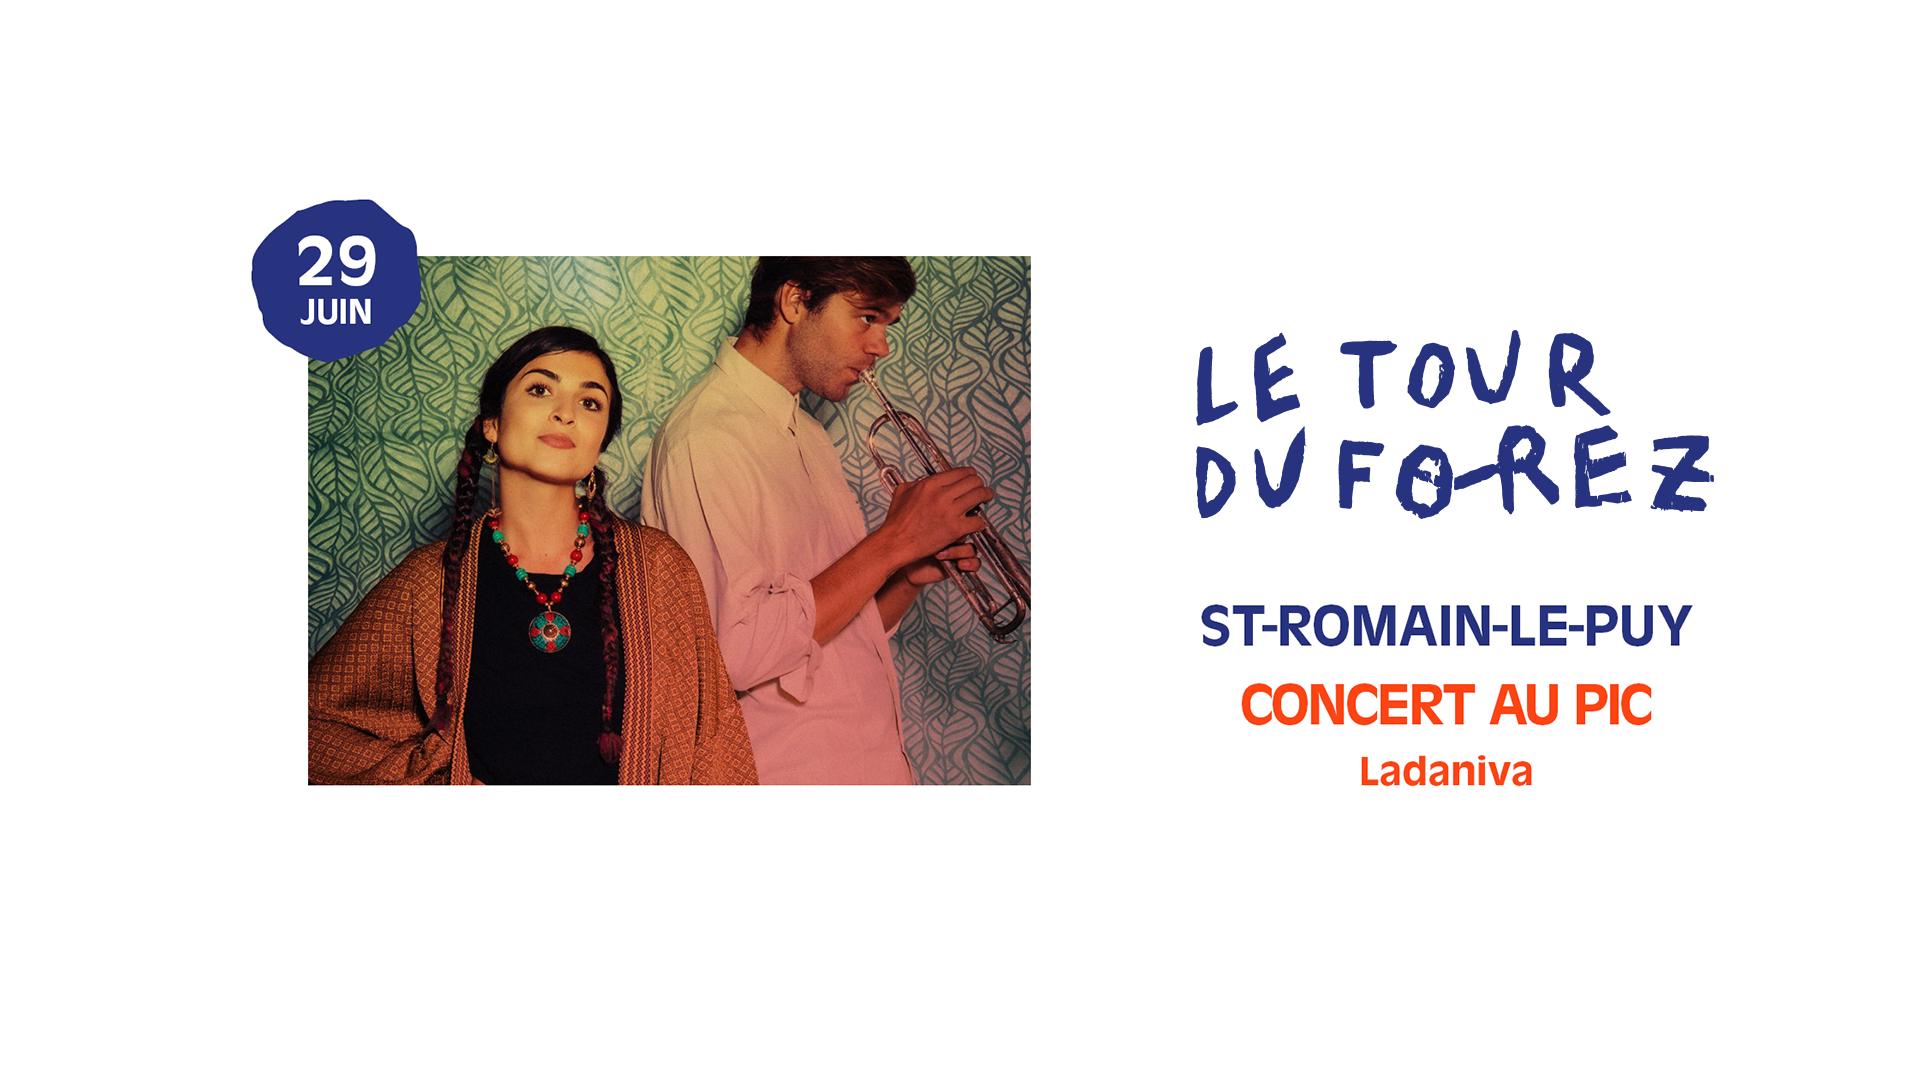 Concert Ladaniva